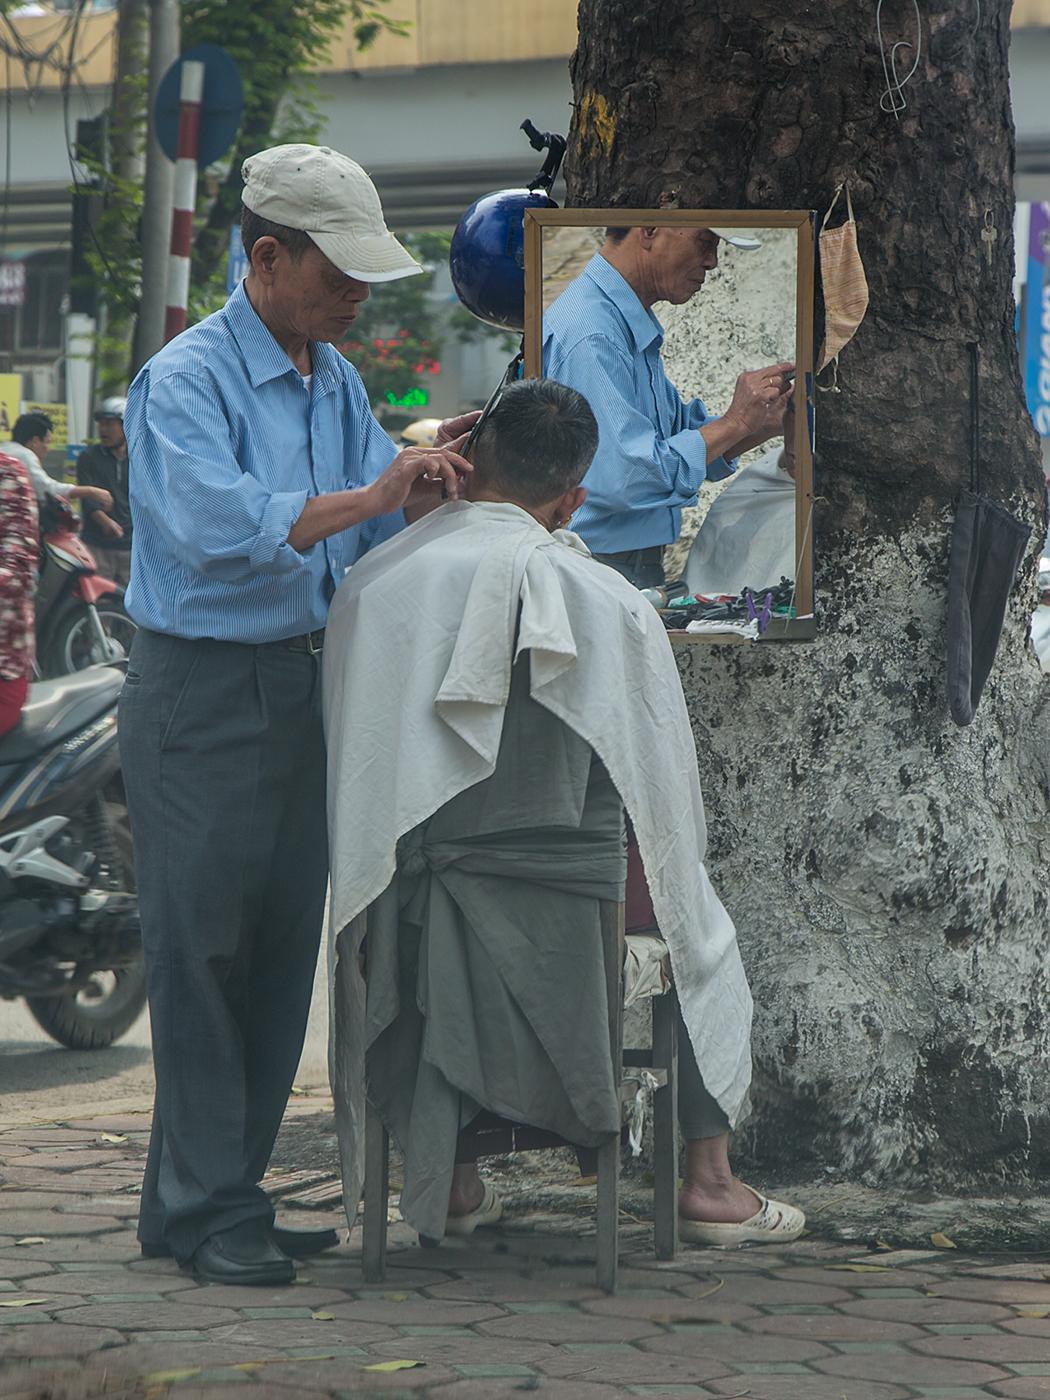 Kurzer Besuch beim Friseur